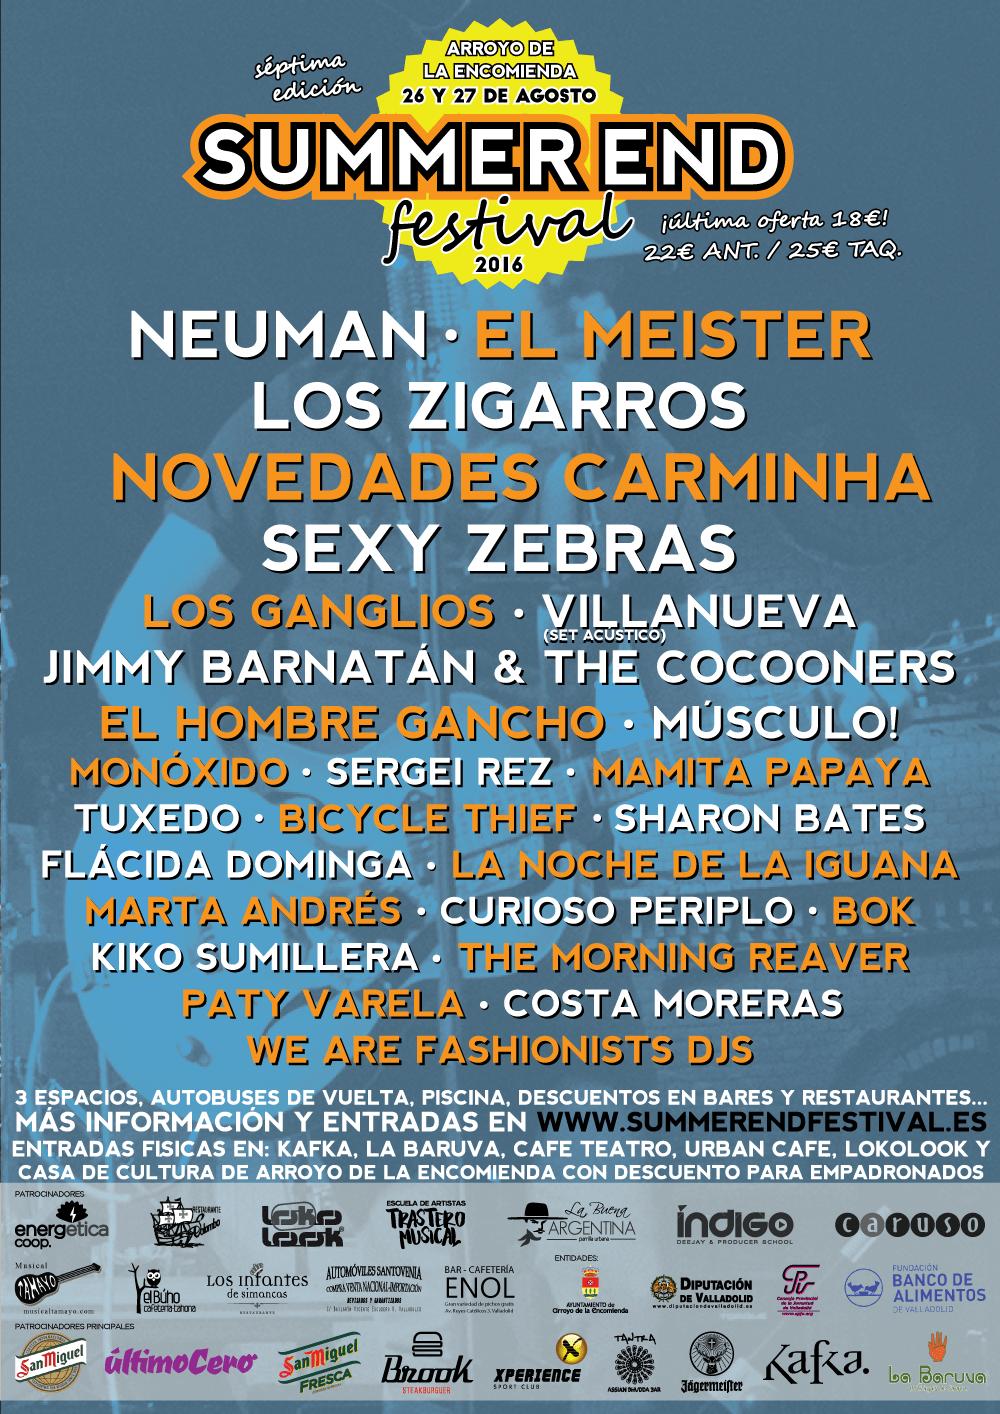 Summer End festival 2016